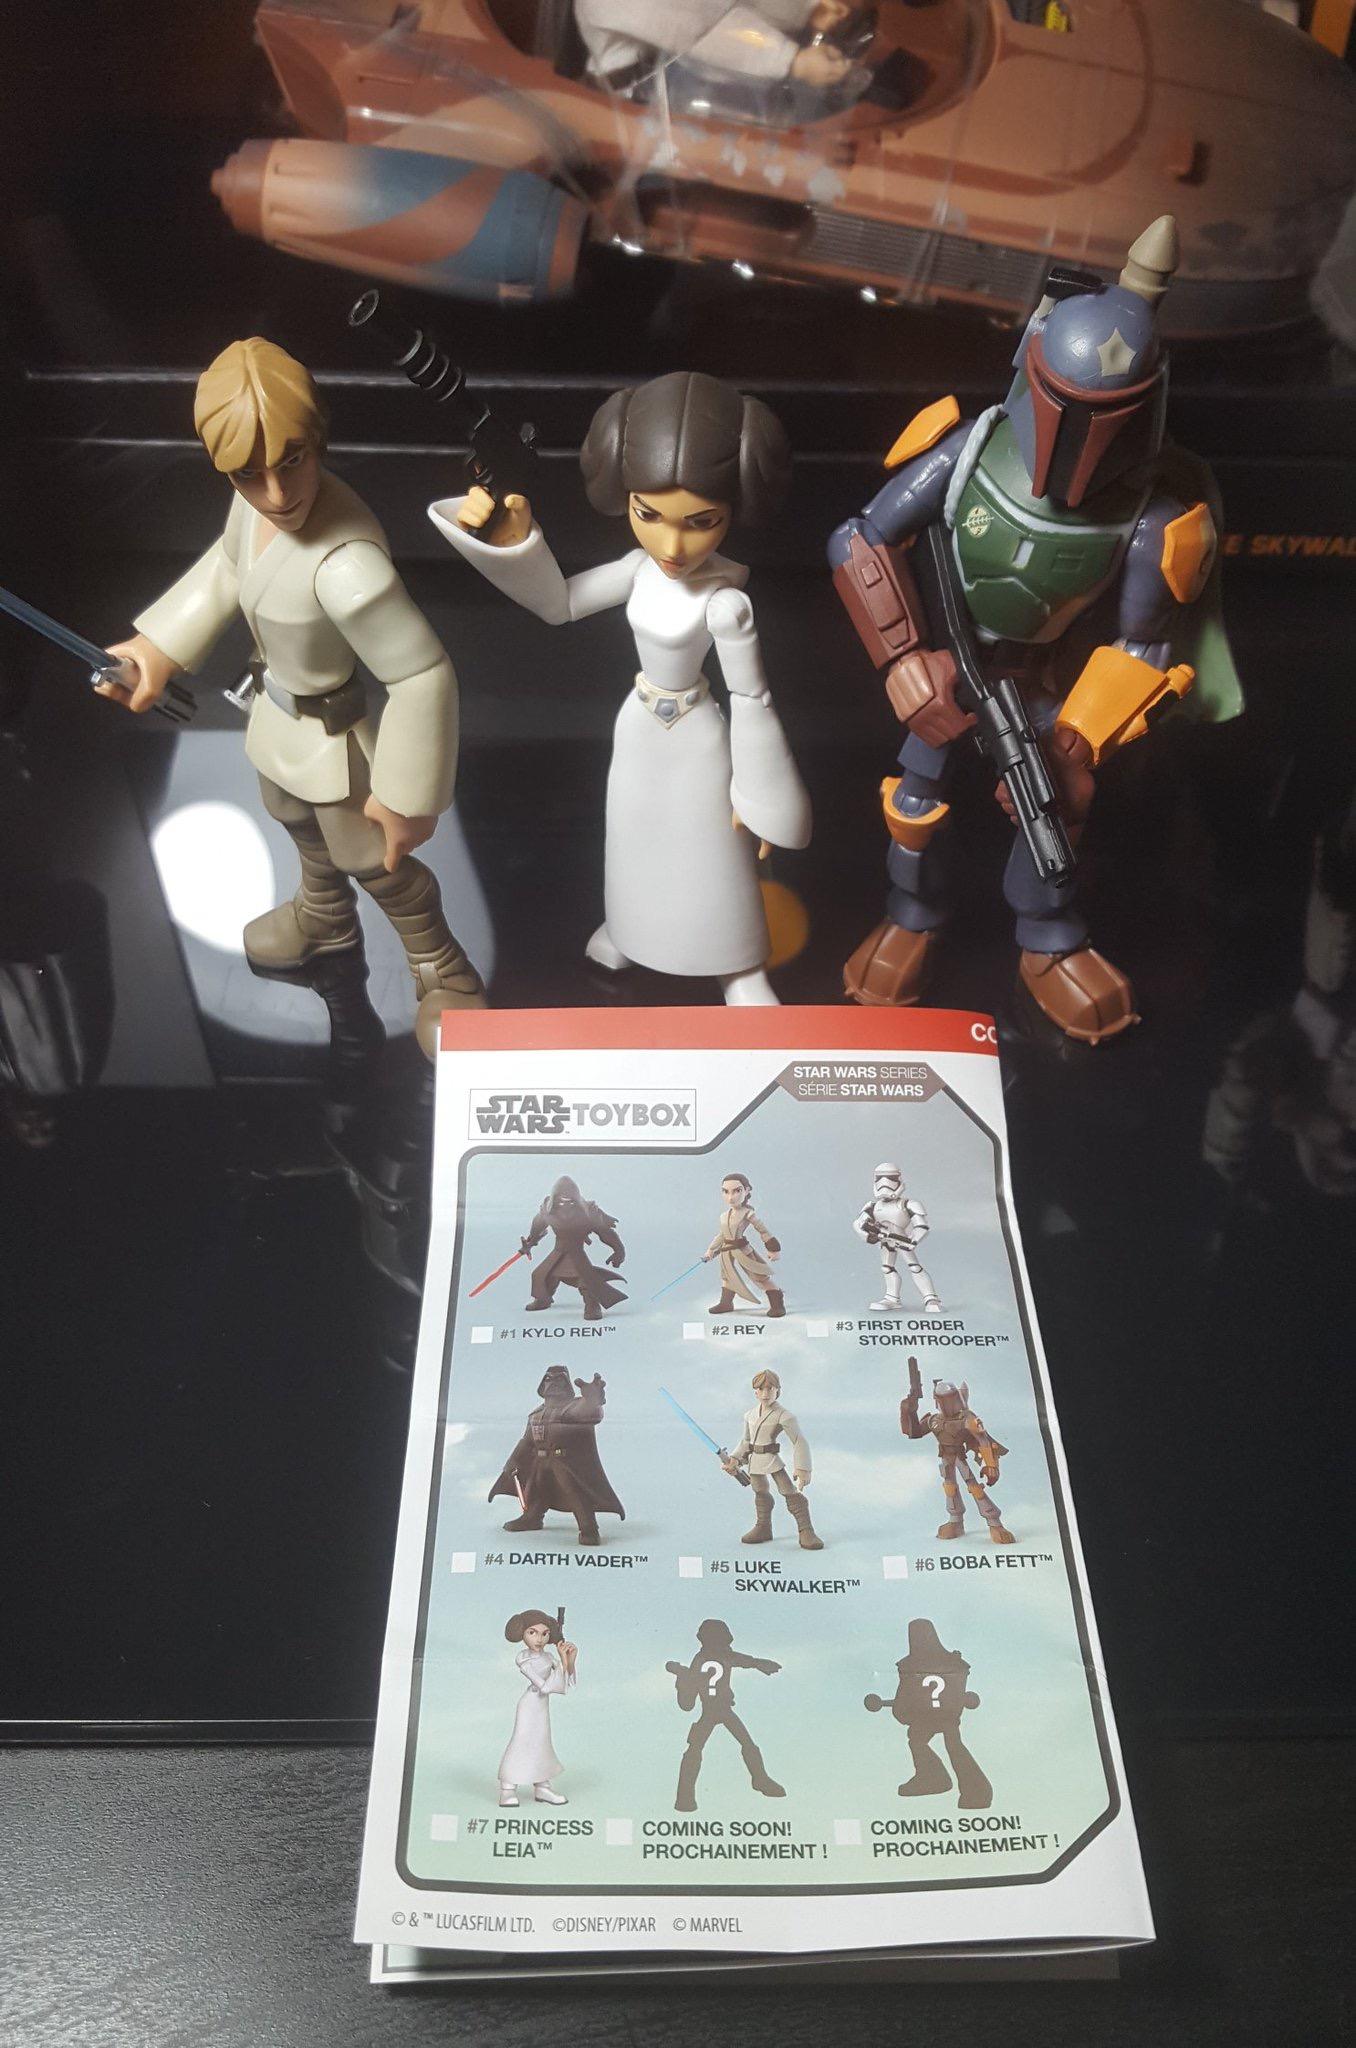 Disney Boutique Star Wars Toybox DARTH VADER Action Figure